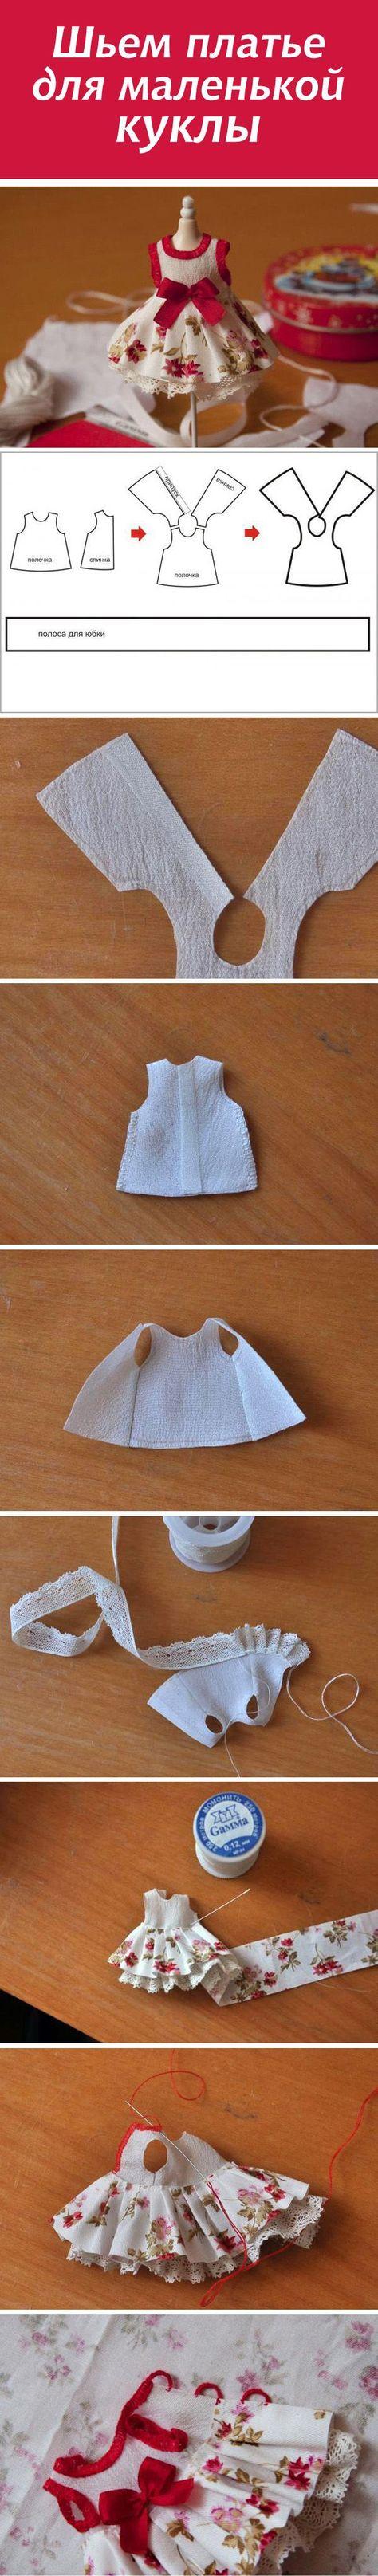 Как легко сшить платье для кукол